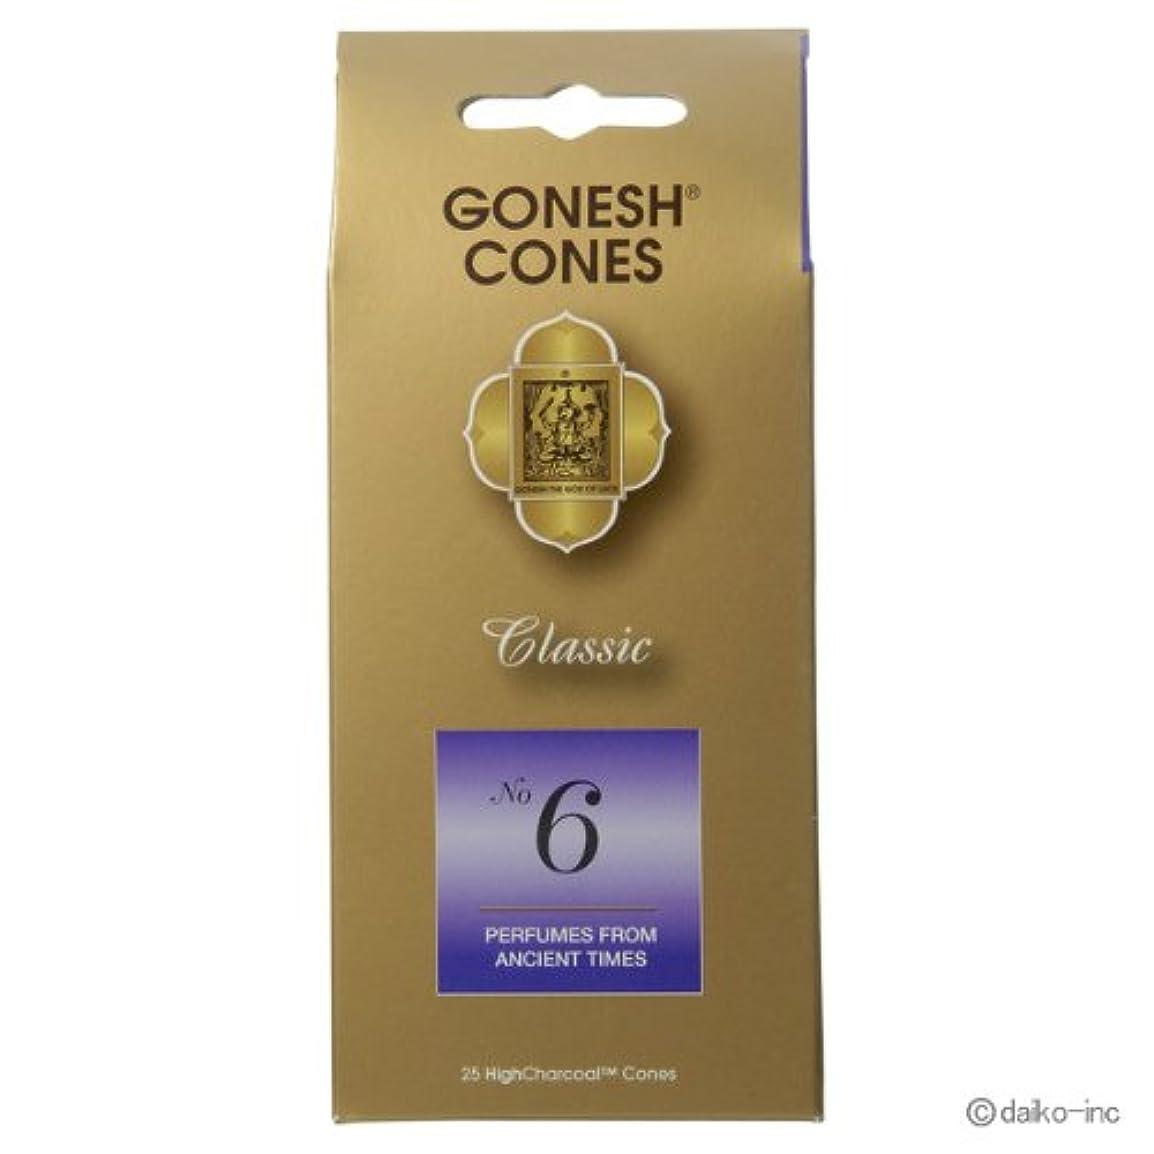 まだら晩餐腹痛ガーネッシュ GONESH クラシック No.6 お香コーン25ヶ入 6個セット